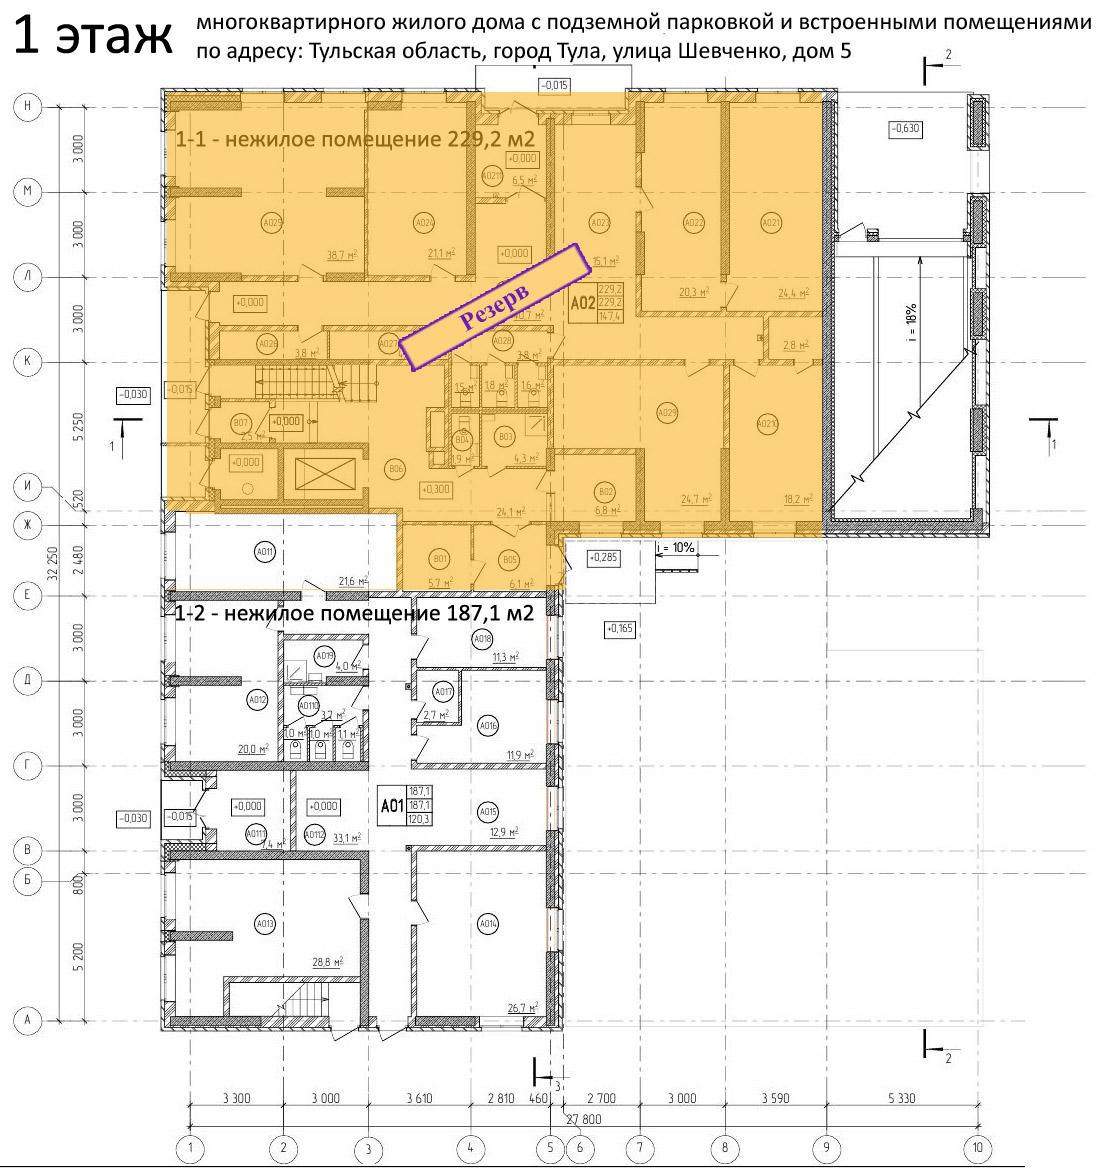 Планировка 1-го этажа ЖК АВРОРА-HOUSE по ул. Шевченко 5